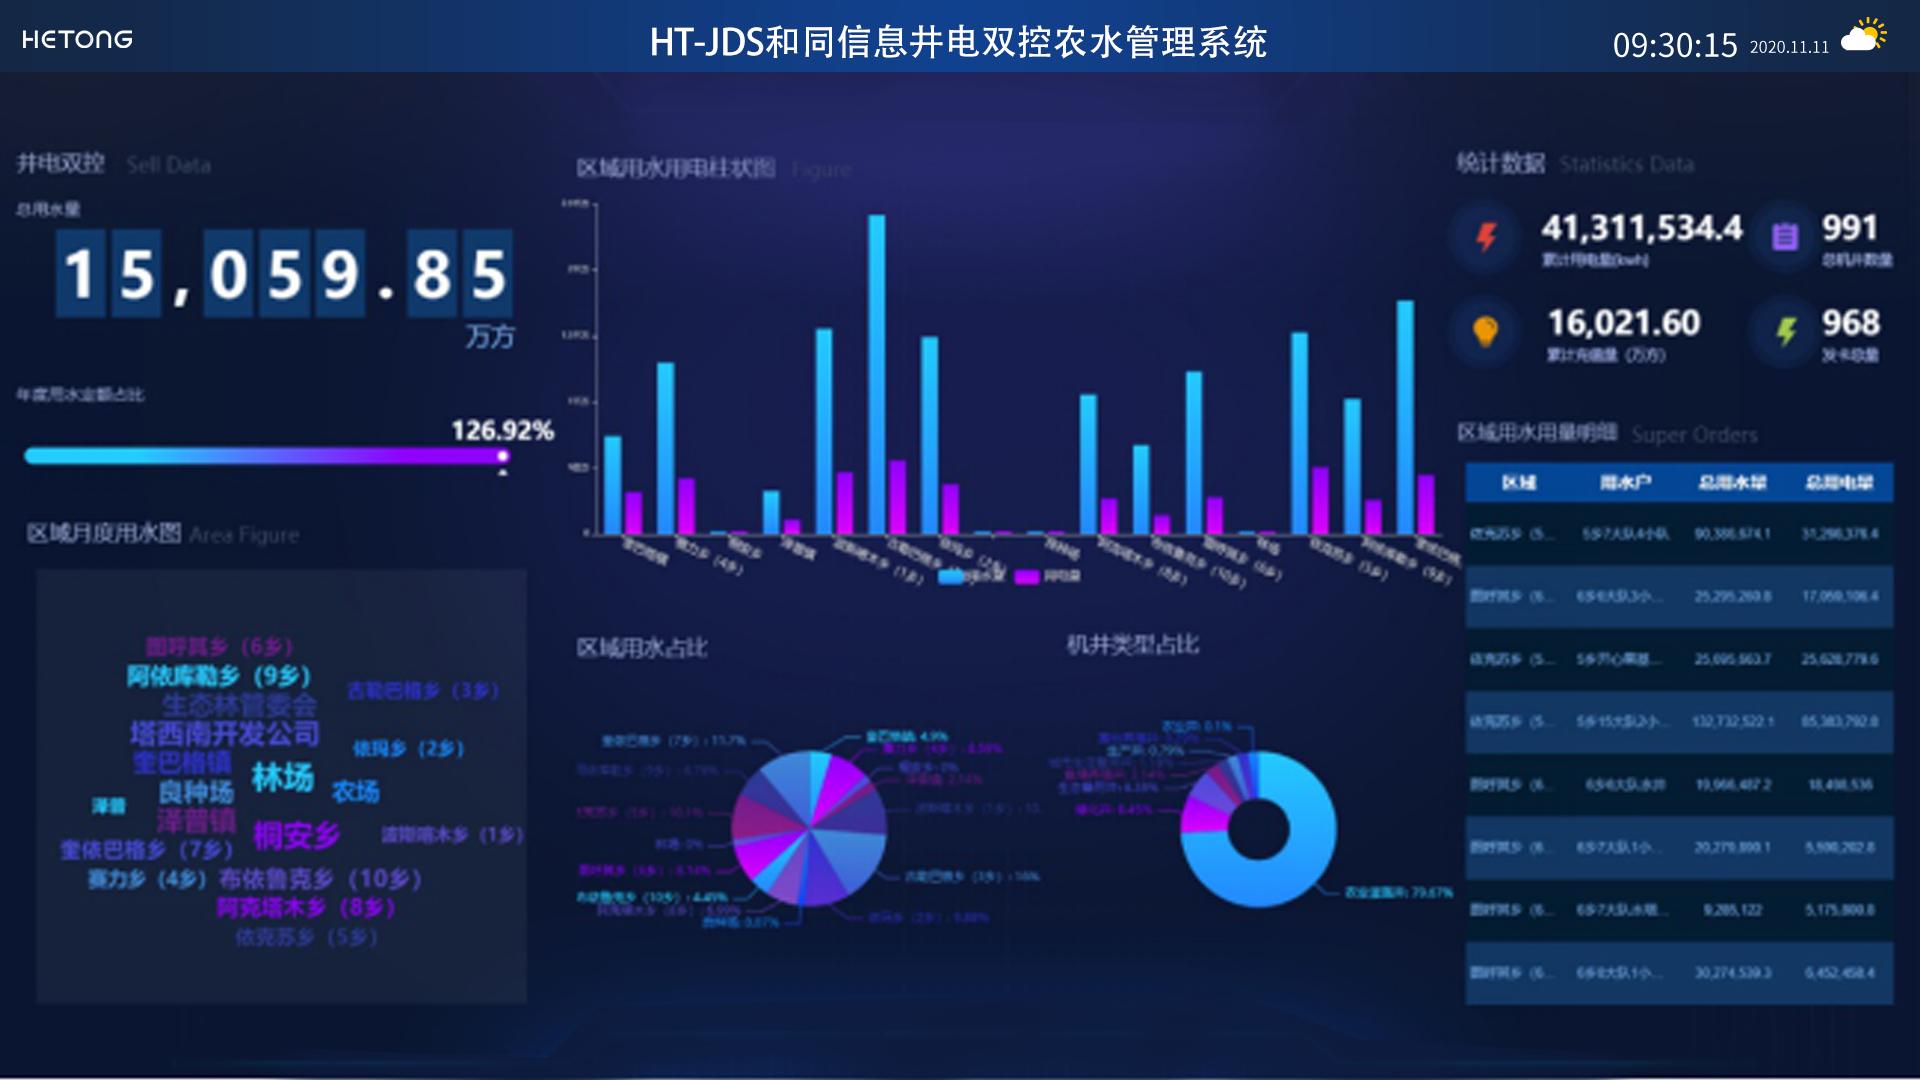 HT-JDS坤蓝信息井电双控农水管理系统